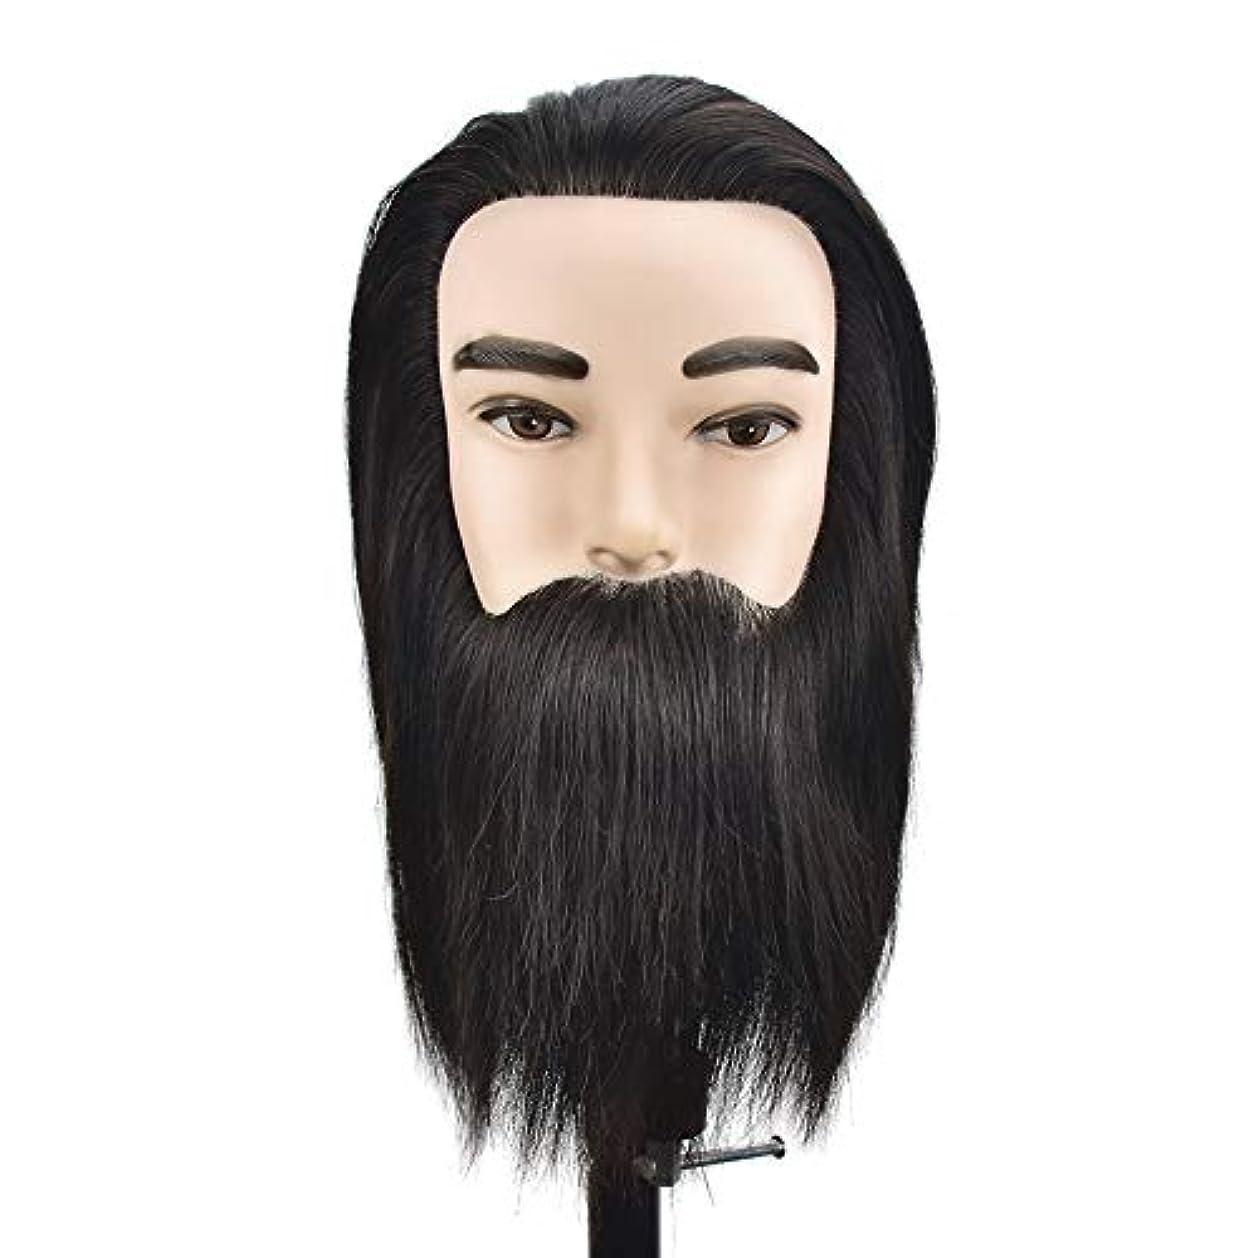 価値雪不健全リアル人間の髪トレーニングヘッドパーマ髪モデル髪染め理髪ダミーヘッドトリミングひげ学習ヘッドモデル